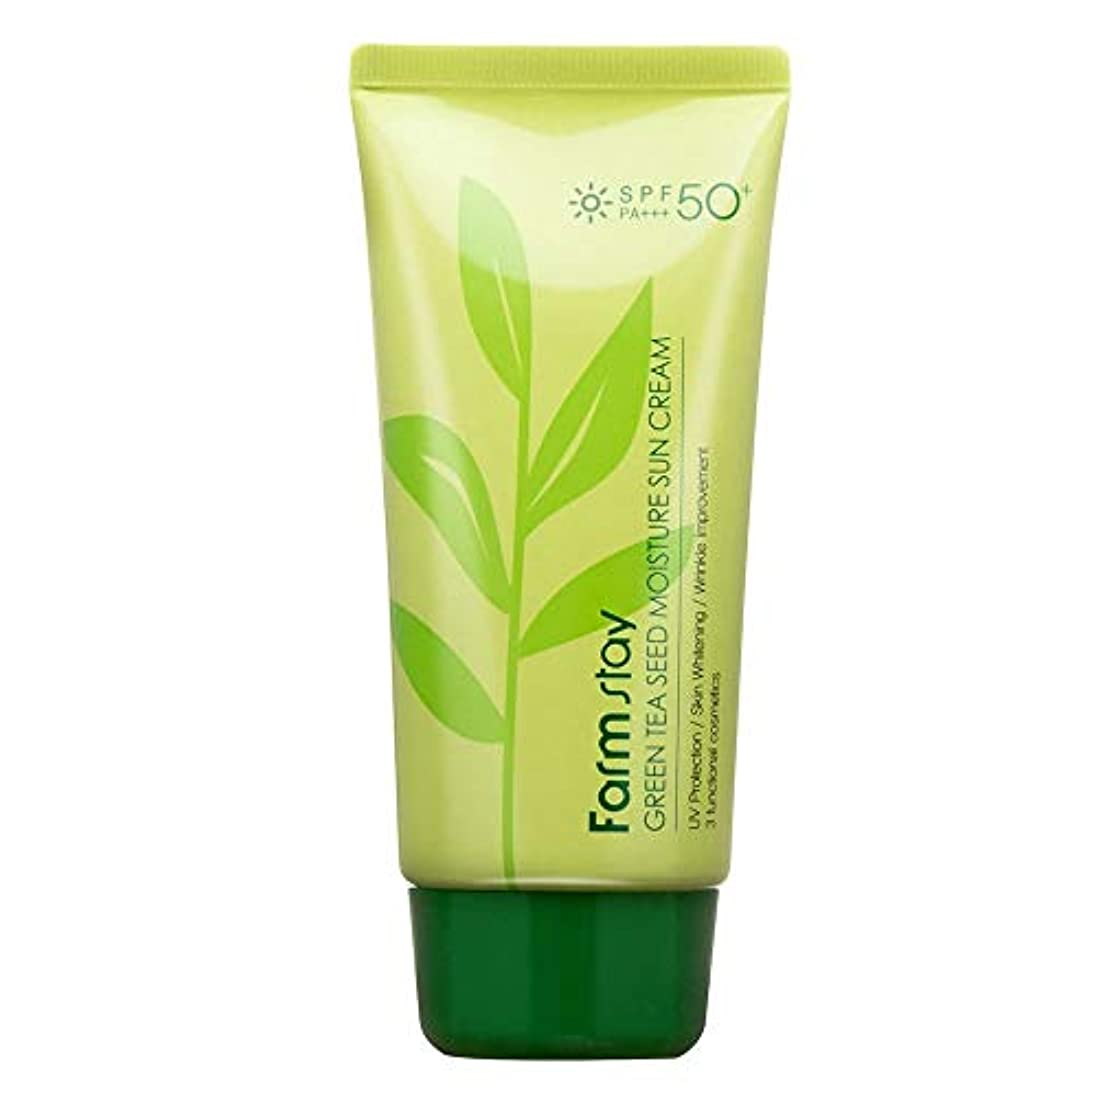 貞従順なシャットファームステイ[Farm Stay] グリーンティーシードモイスチャーサンクリーム 70g (美白&しわ防止) / Green Tea Seed Moisture Sun Cream